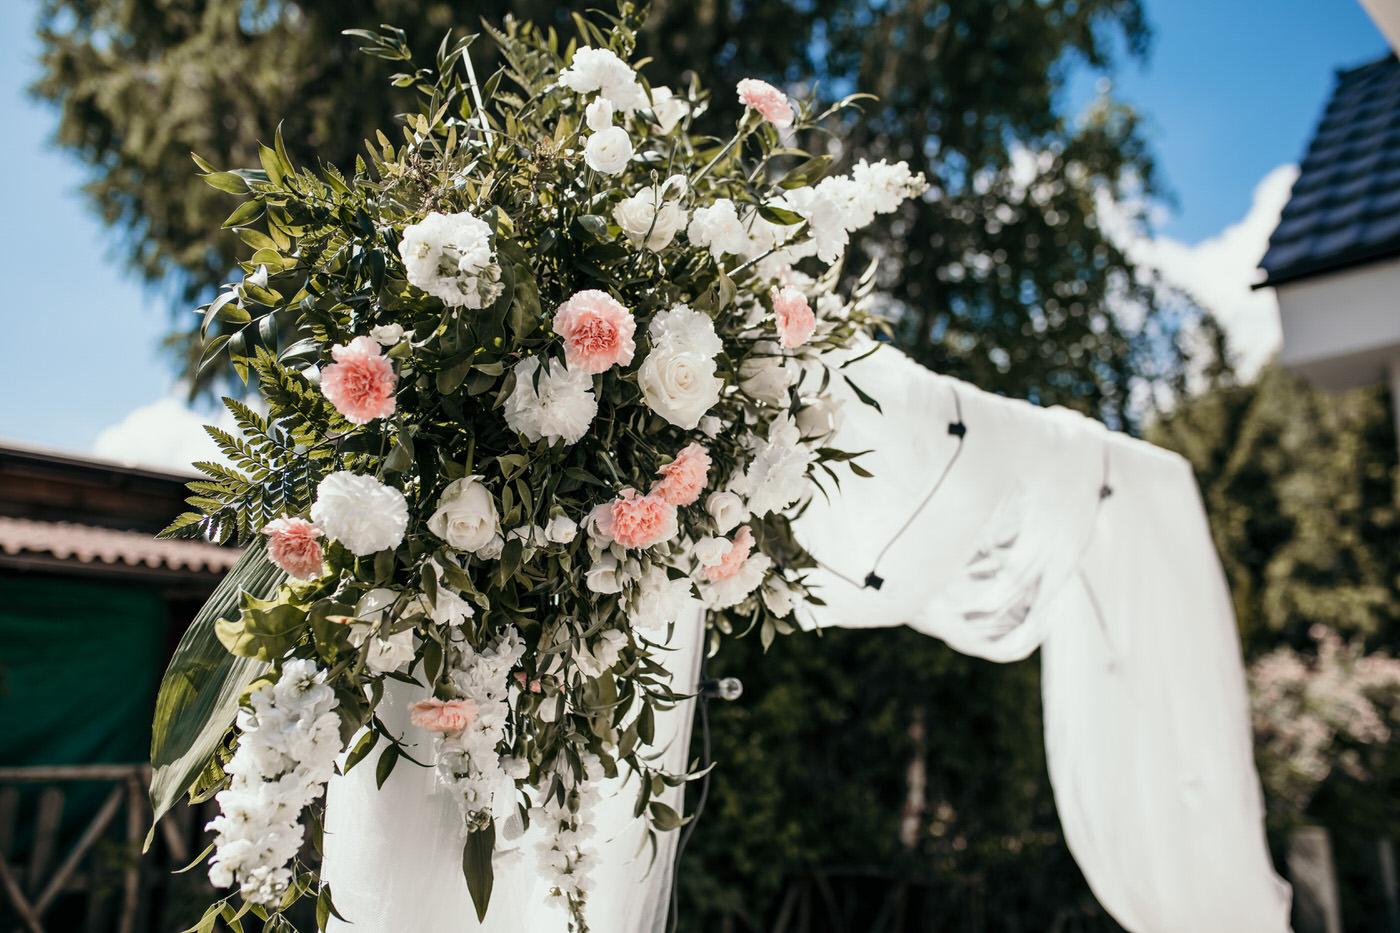 Slow Wedding - nowoczesne wesele Gdańsk 9